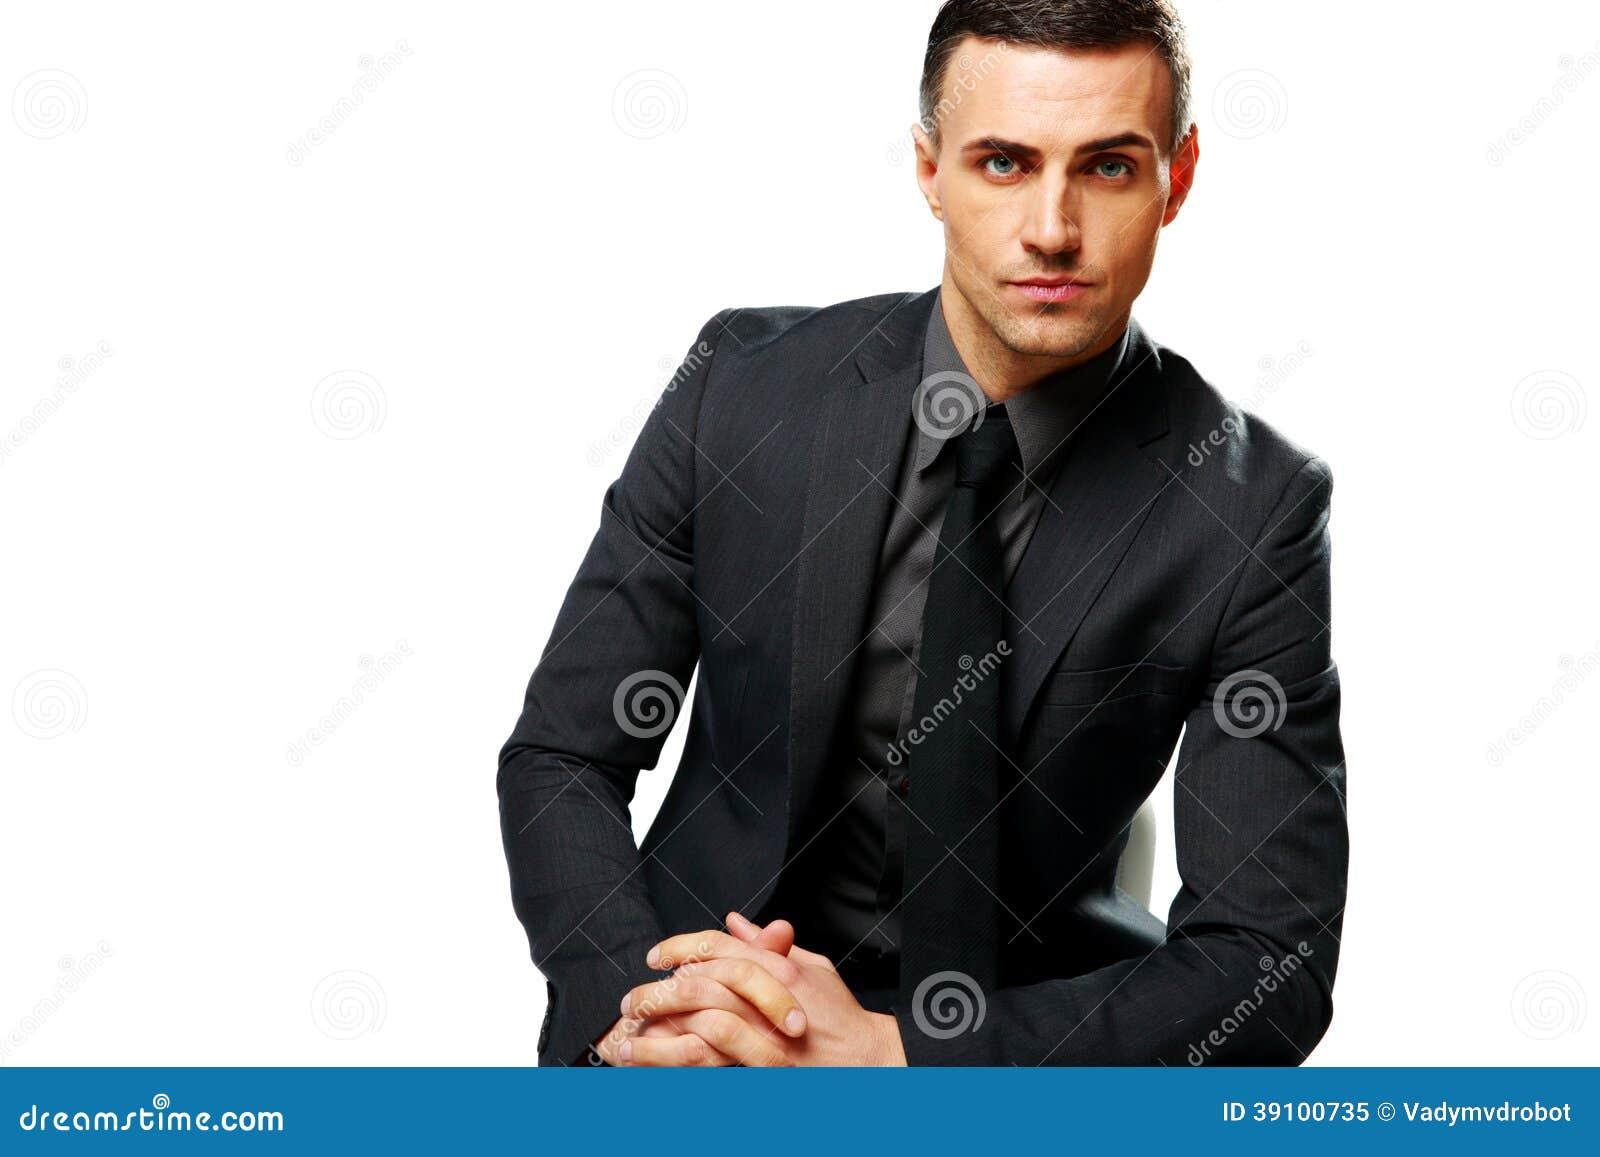 Portret van een zekere zakenman